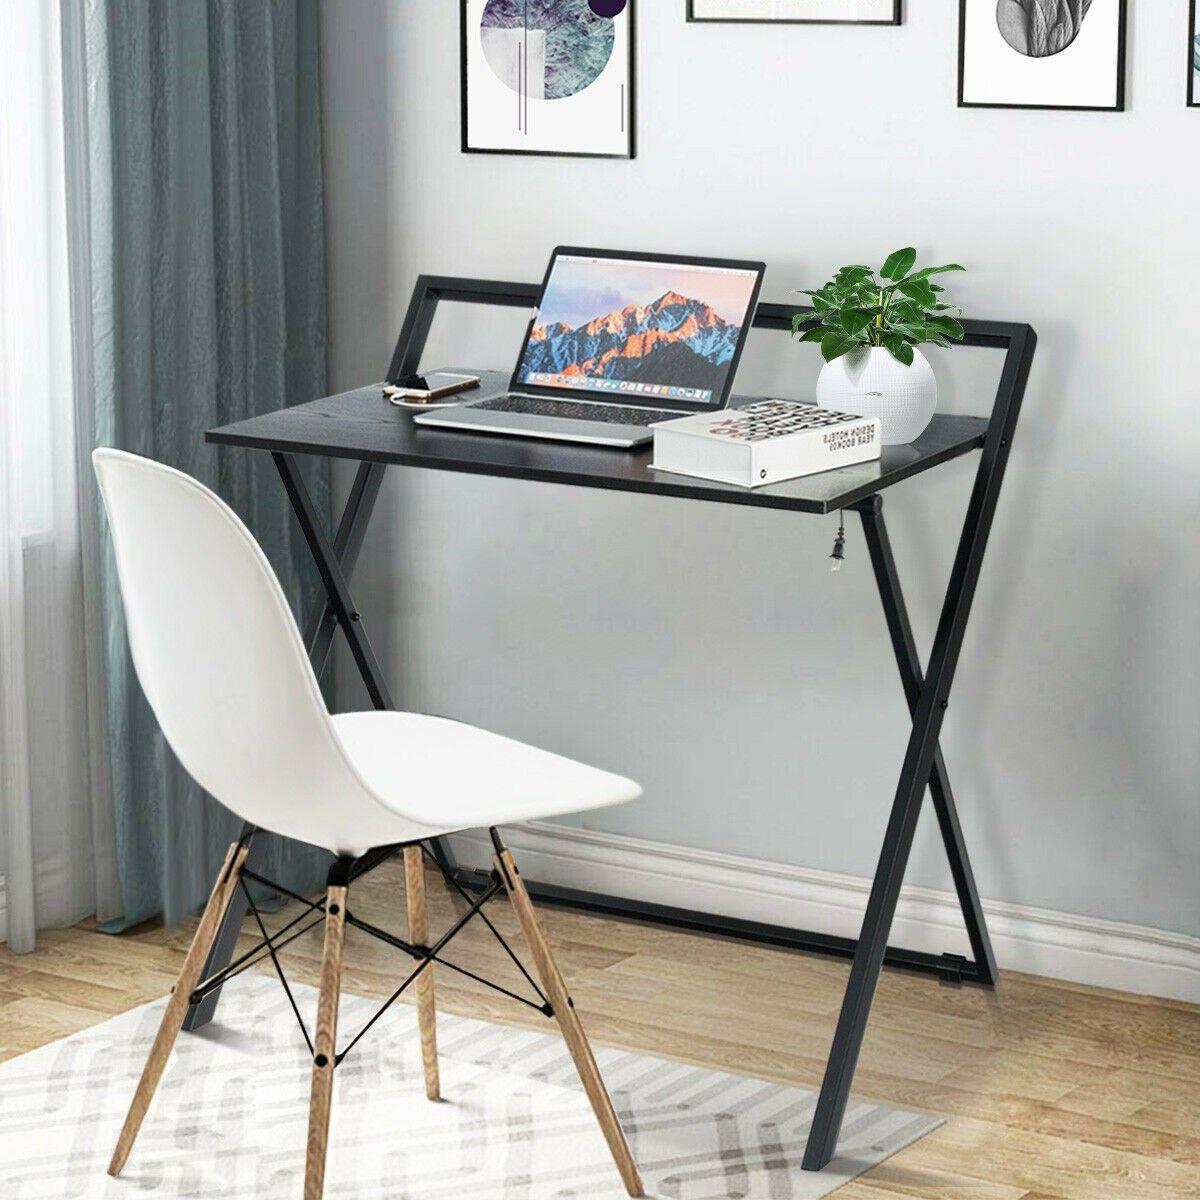 Life Carver Modern Simple Design Computer Desk Table Workstation